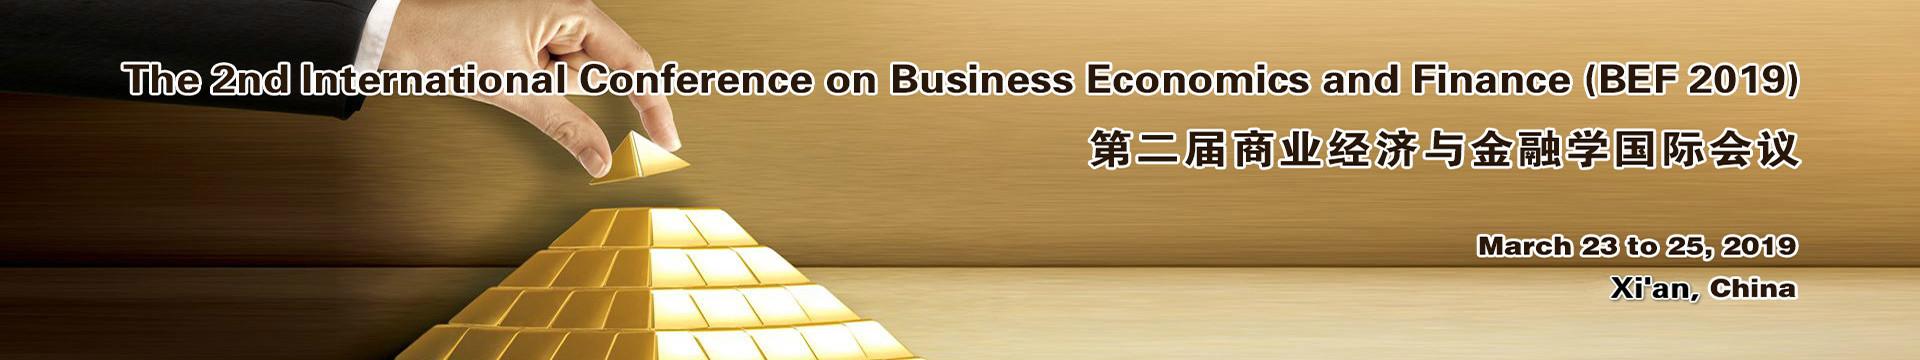 第二届商业经济与金融学国际会议 (BEF 2019)